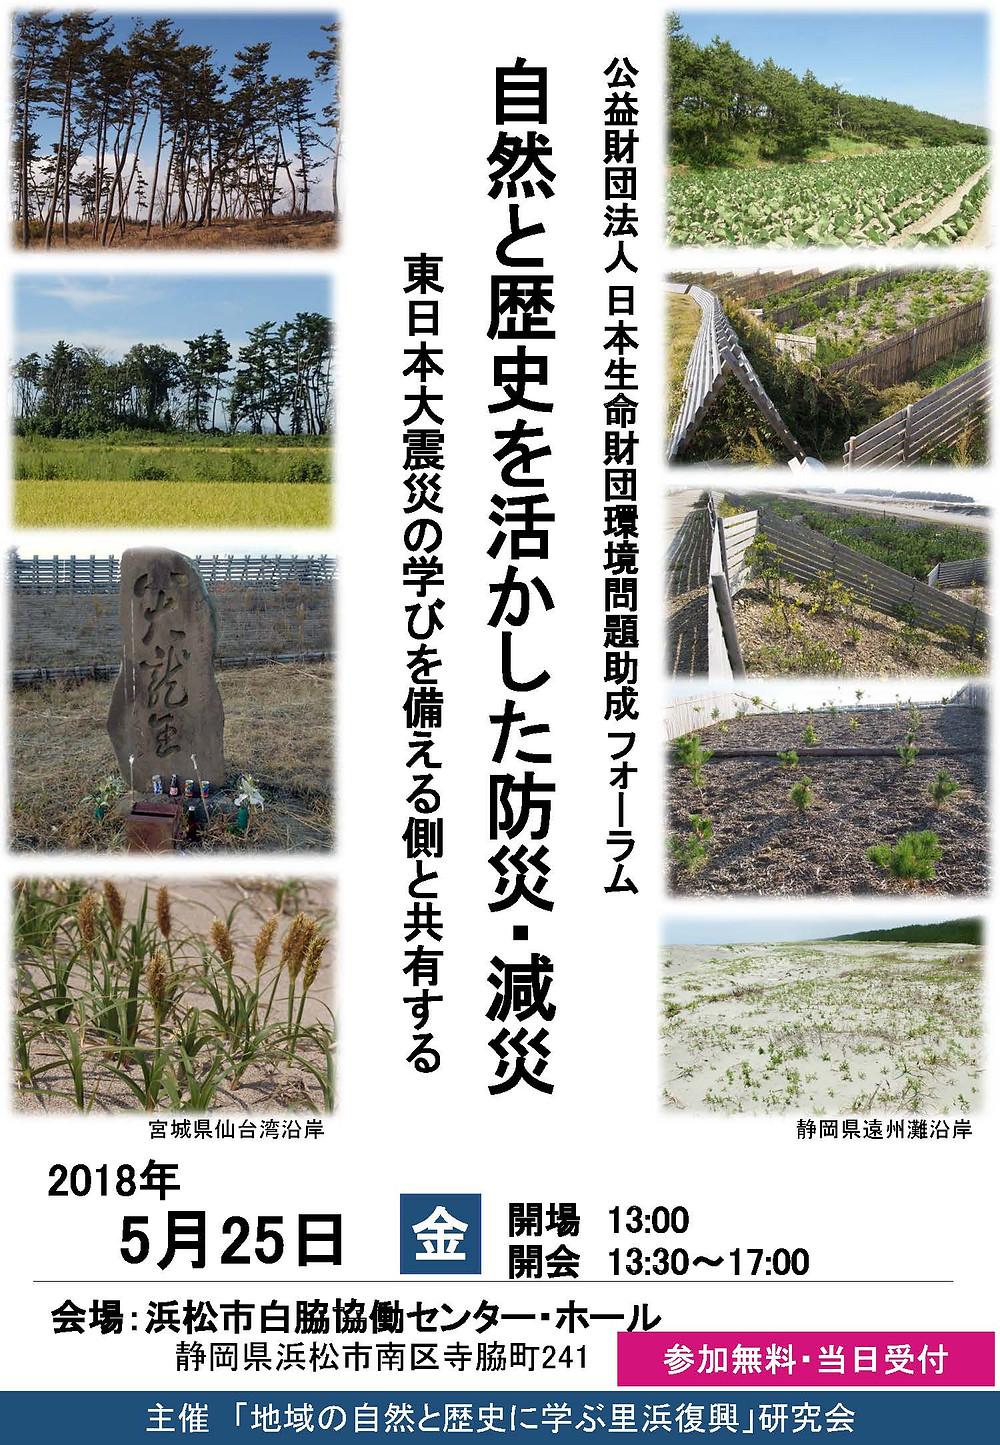 自然と歴史を活かした防災と減災 「東日本大震災の学びを備える側と共有する」